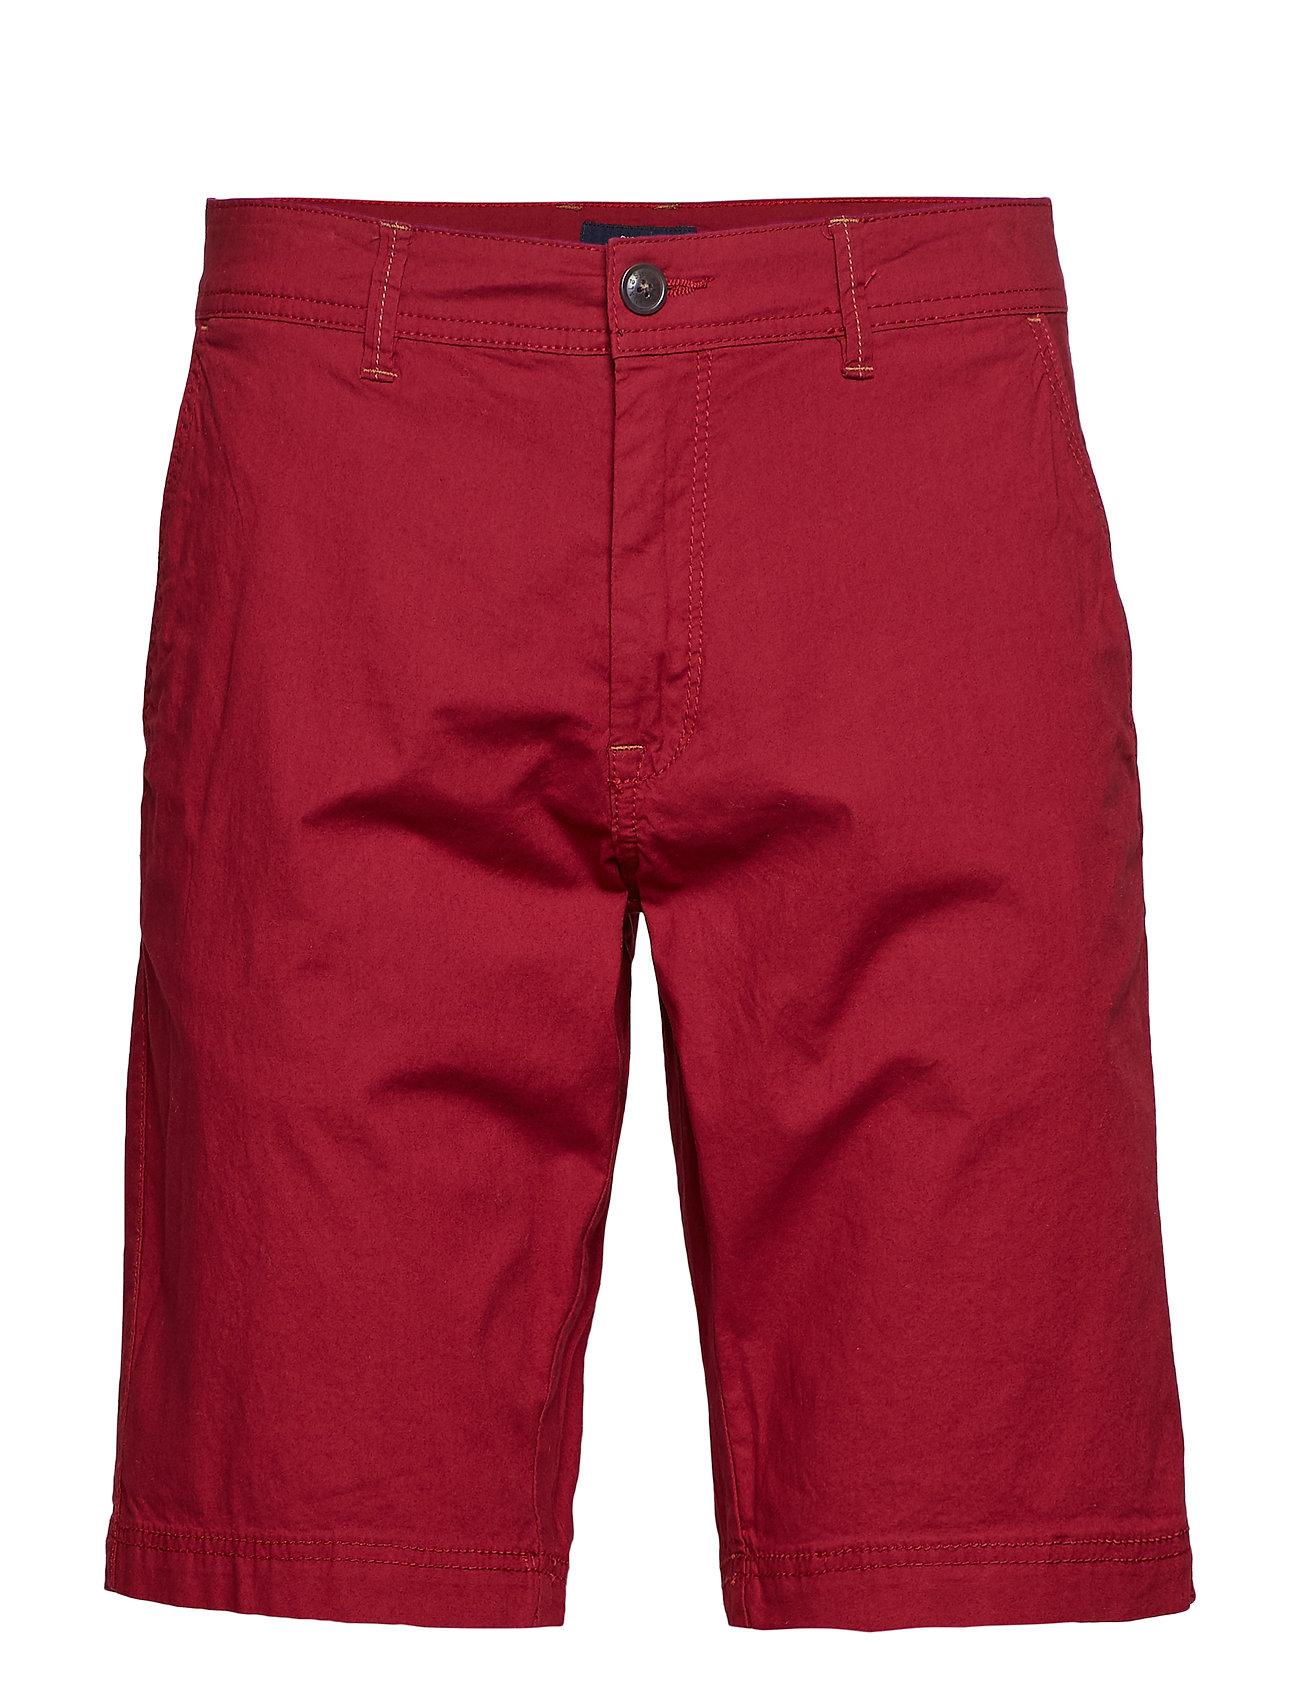 Signal Shorts - RED SAIL